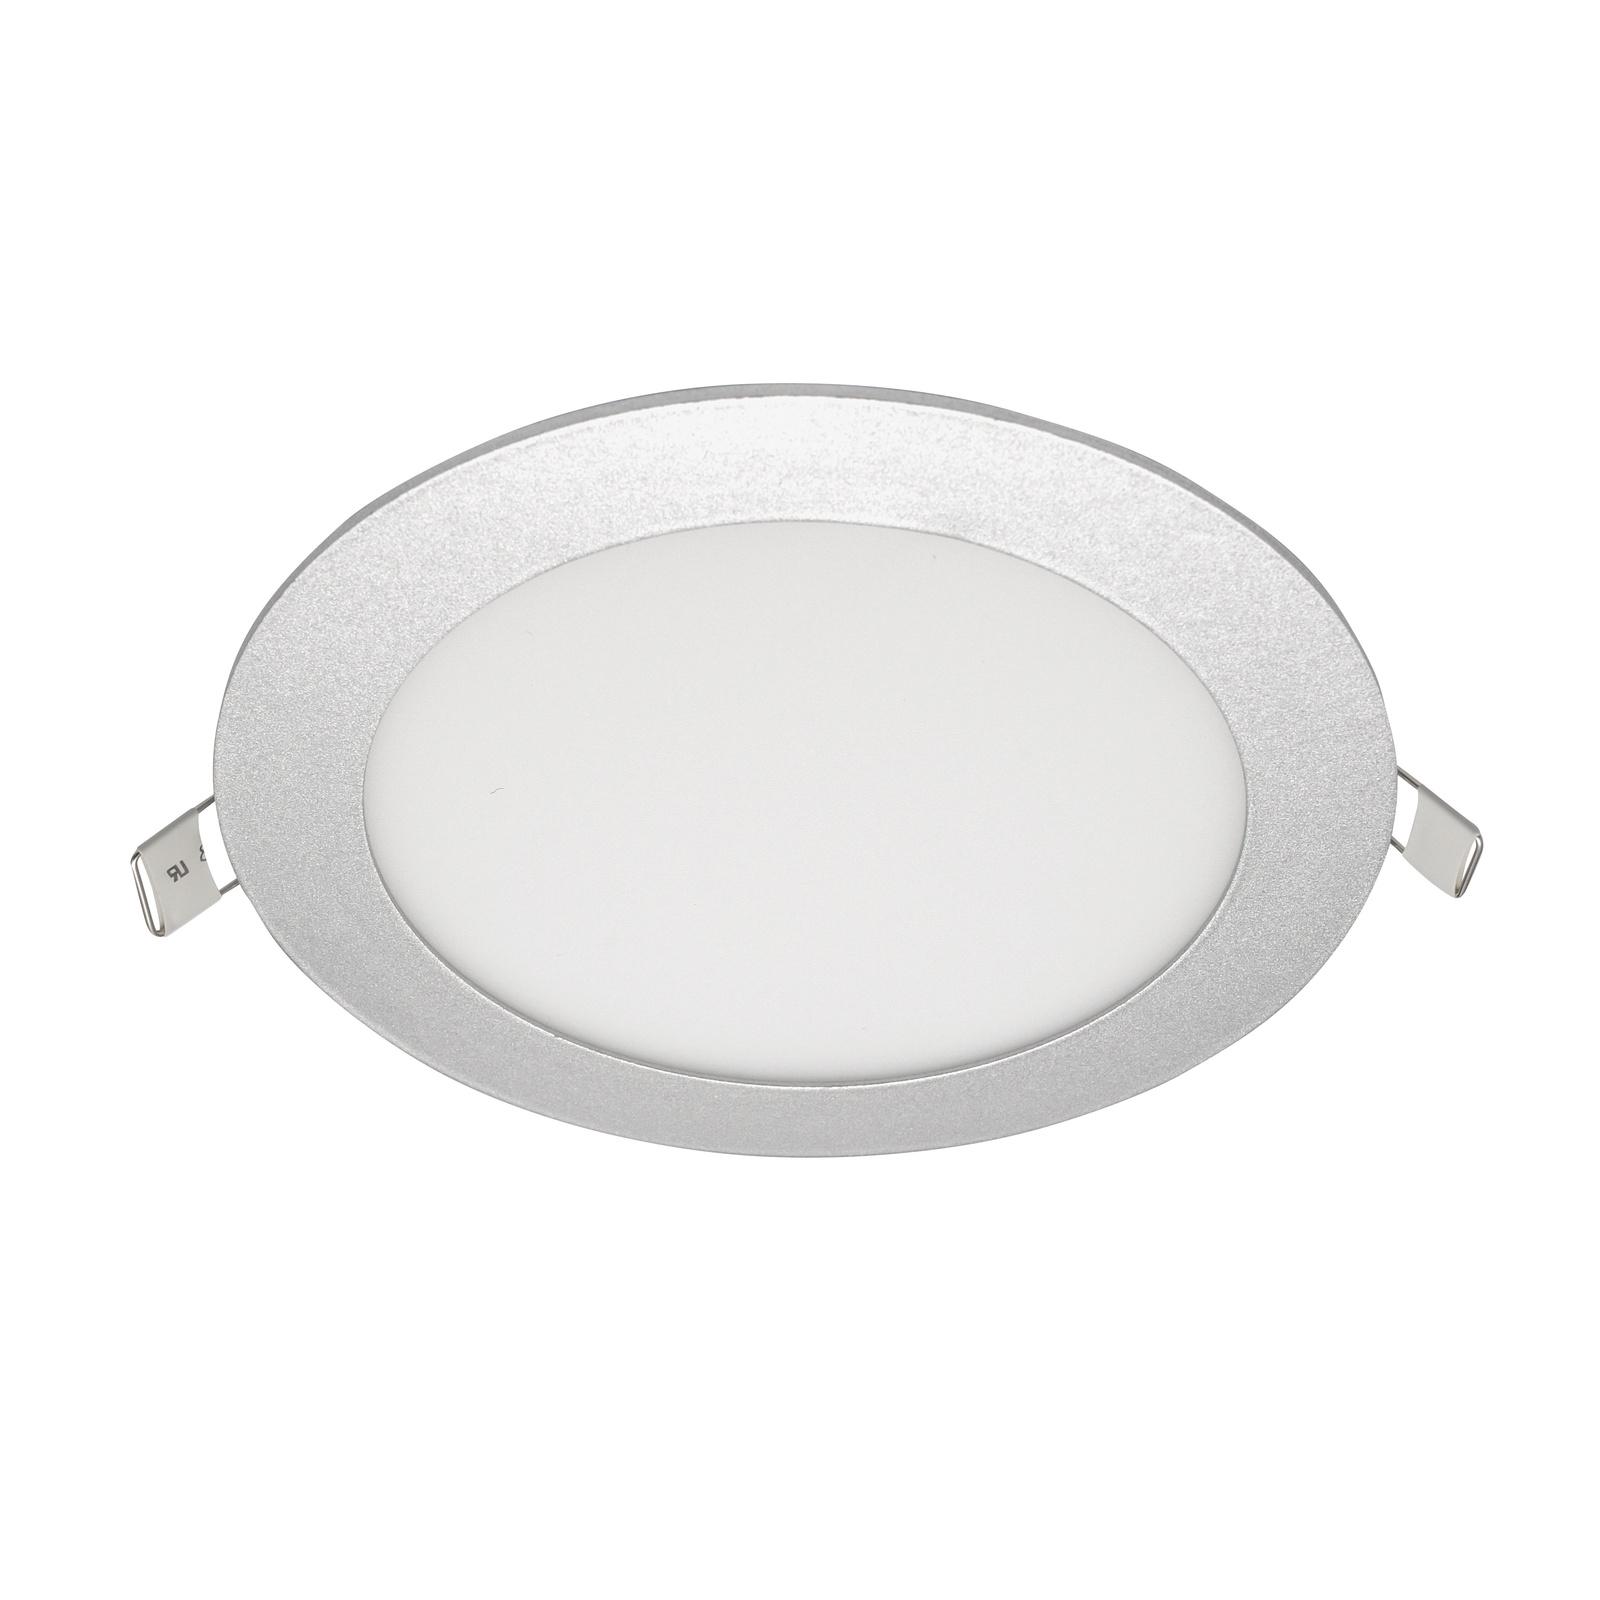 Светодиодная панель APEYRON electrics 06-14 светодиодная лента apeyron electrics комплект 10 14